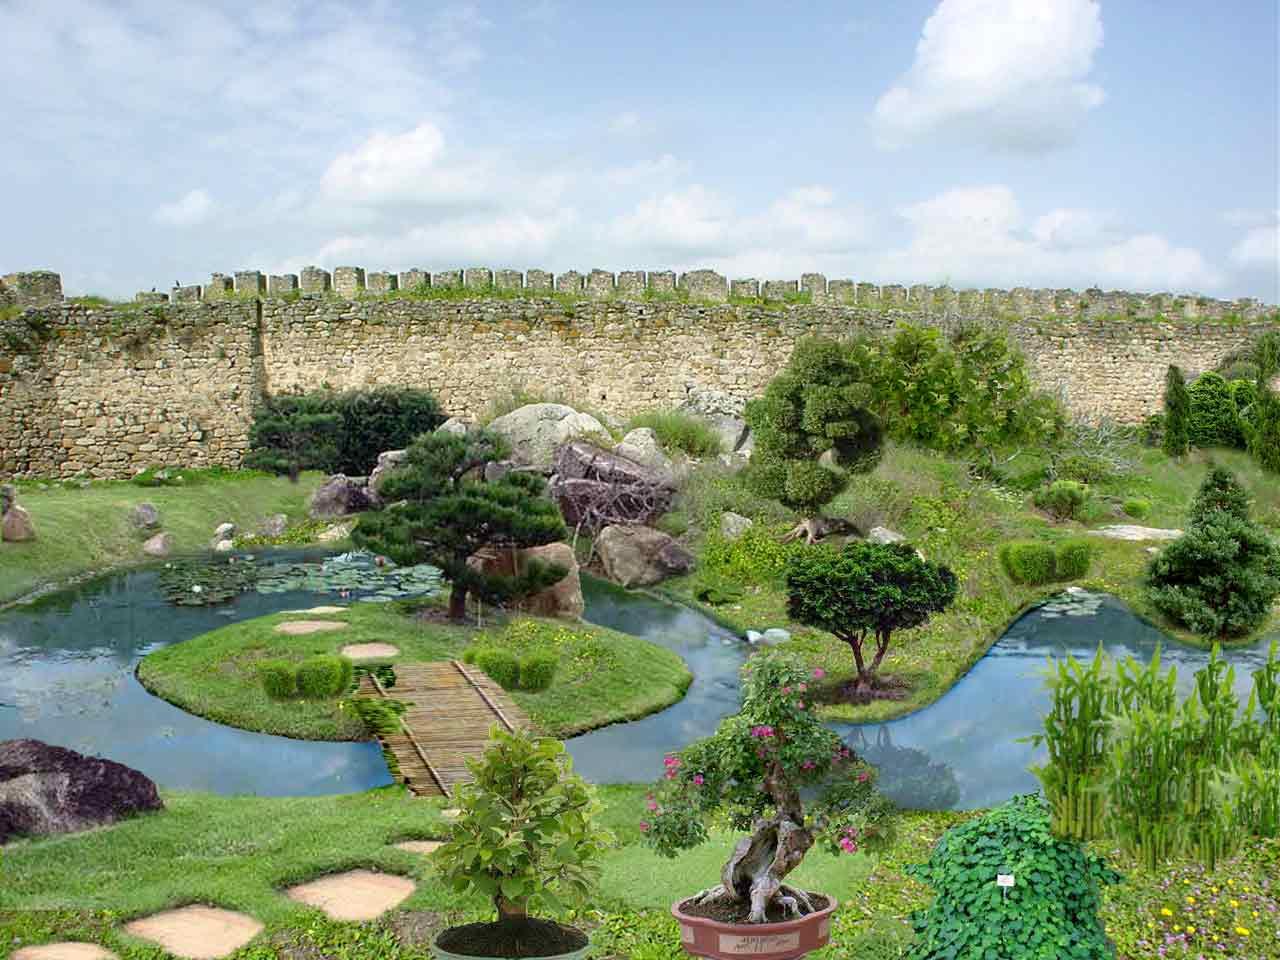 Jardin botanico de trujillo for Lagos de jardin